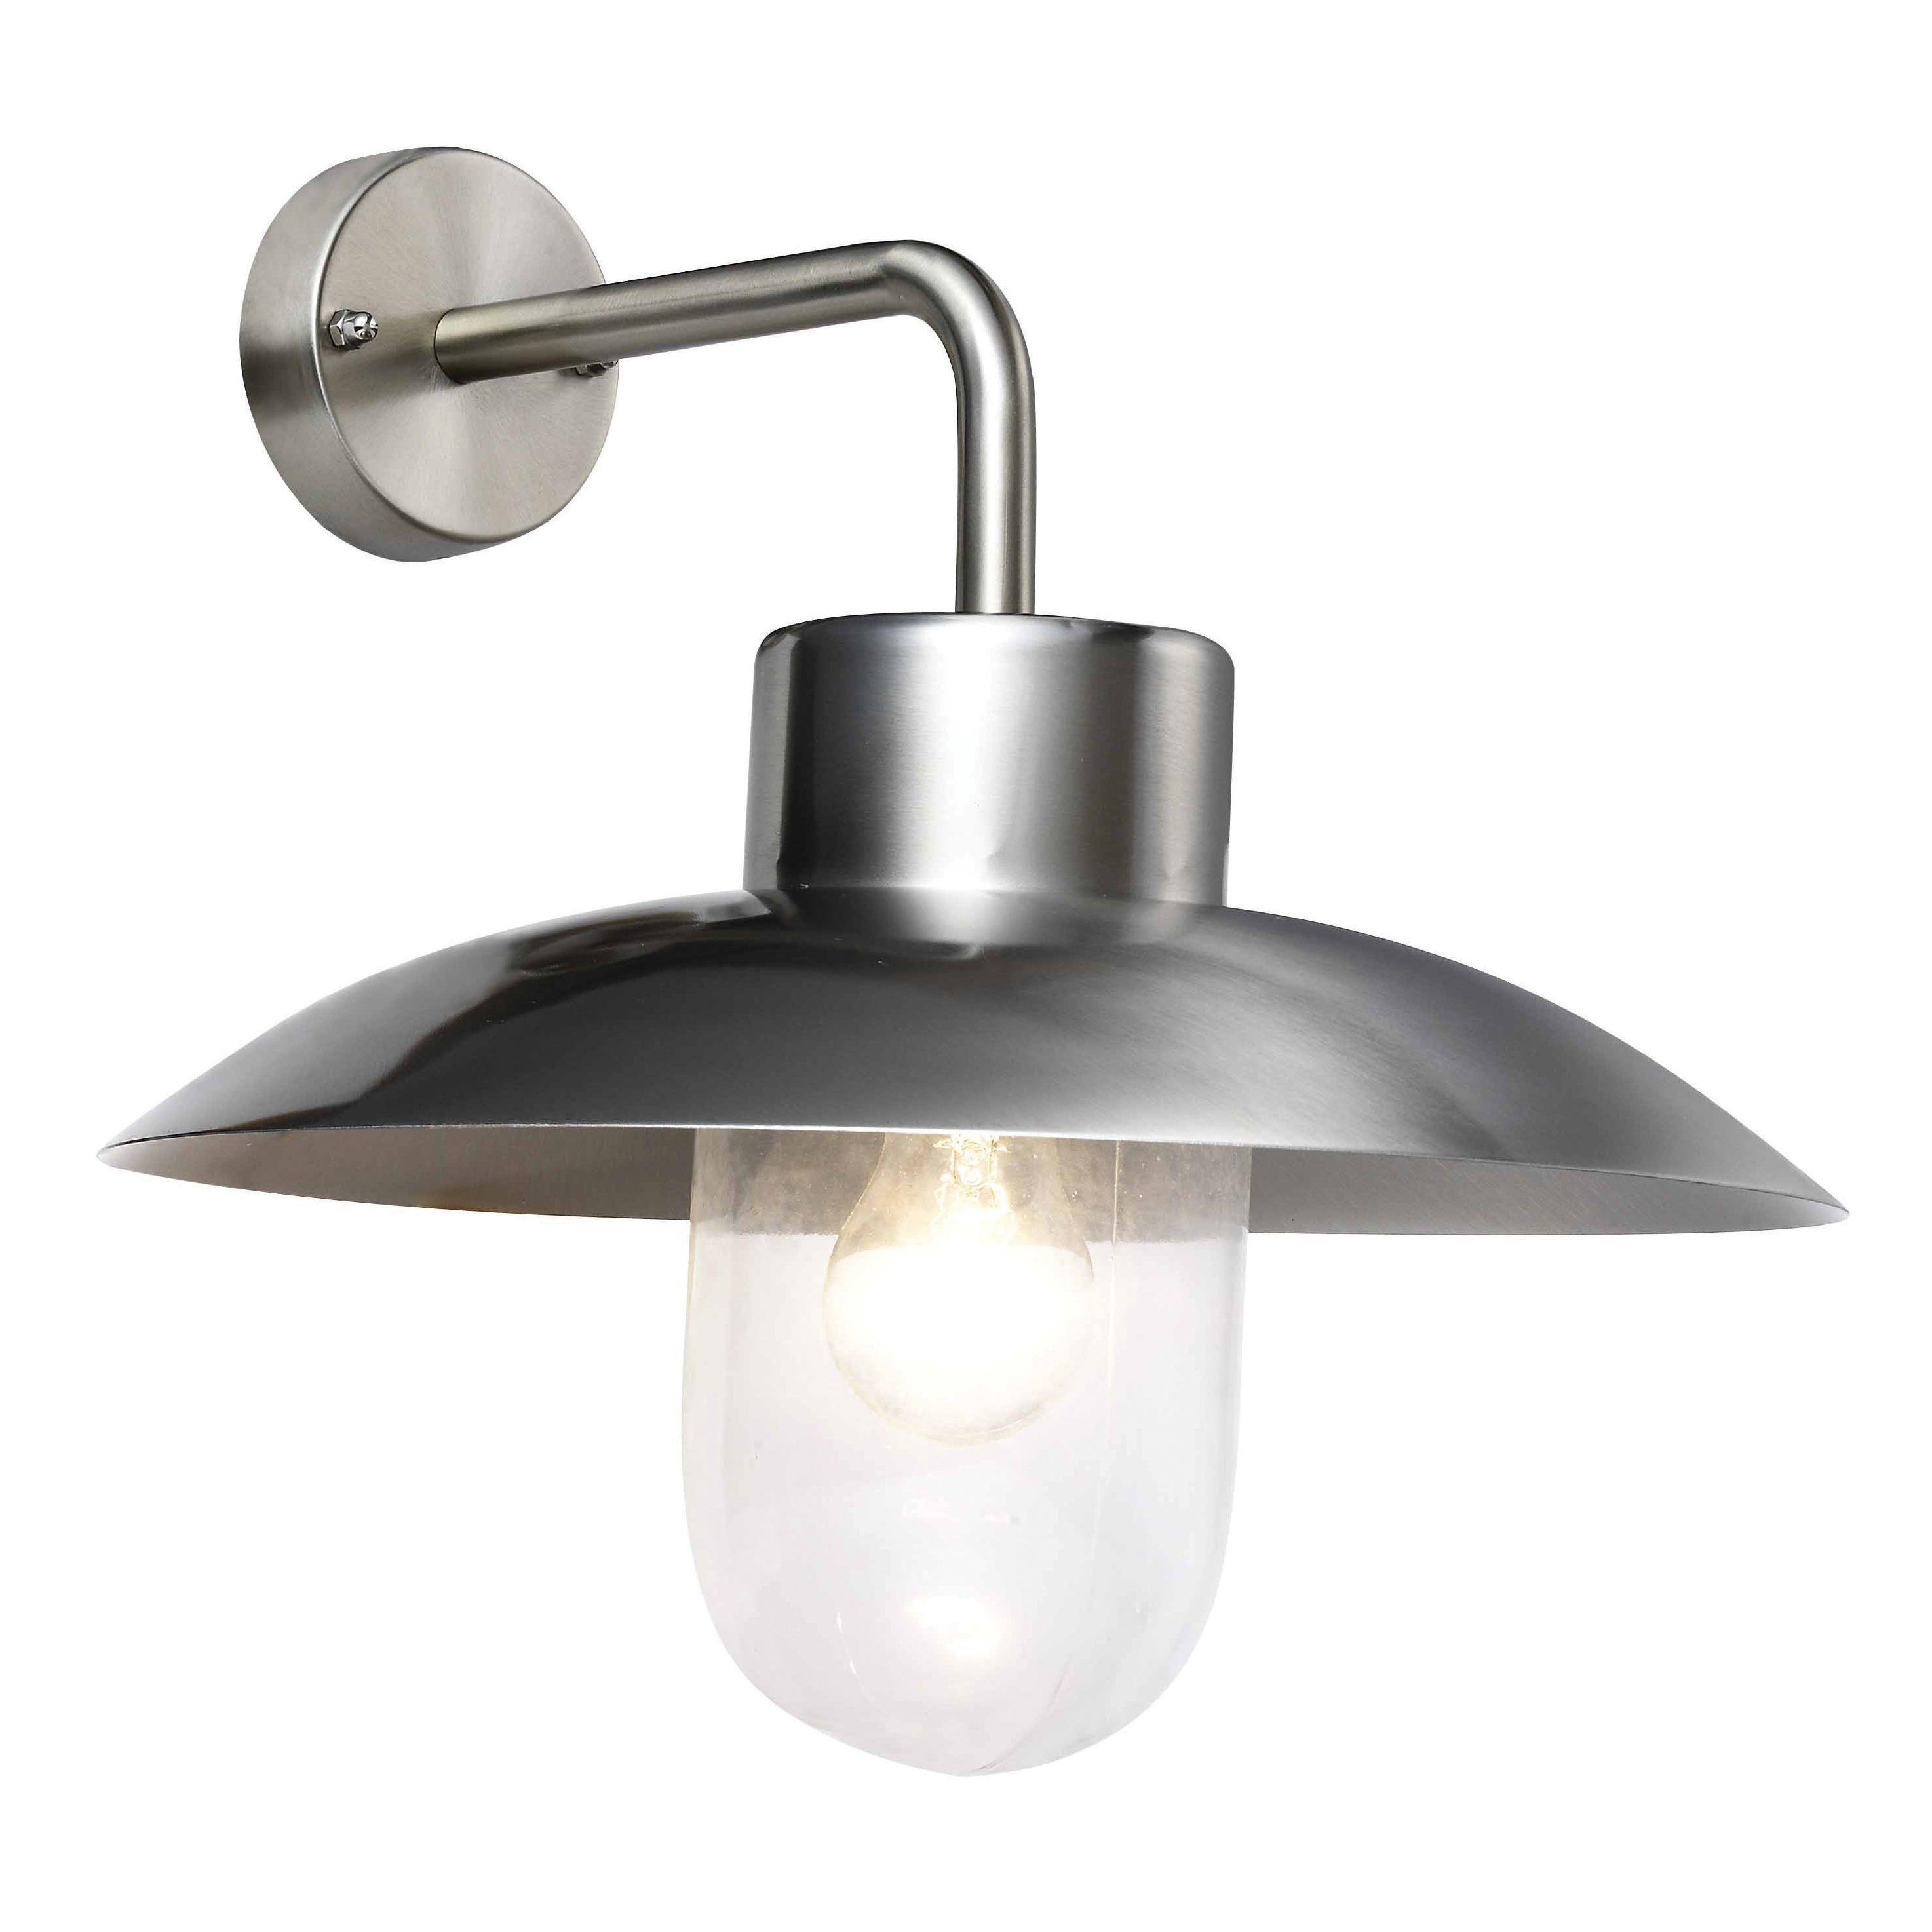 Outdoor Security Lights Wickes: B Q Lighting Outdoor Security